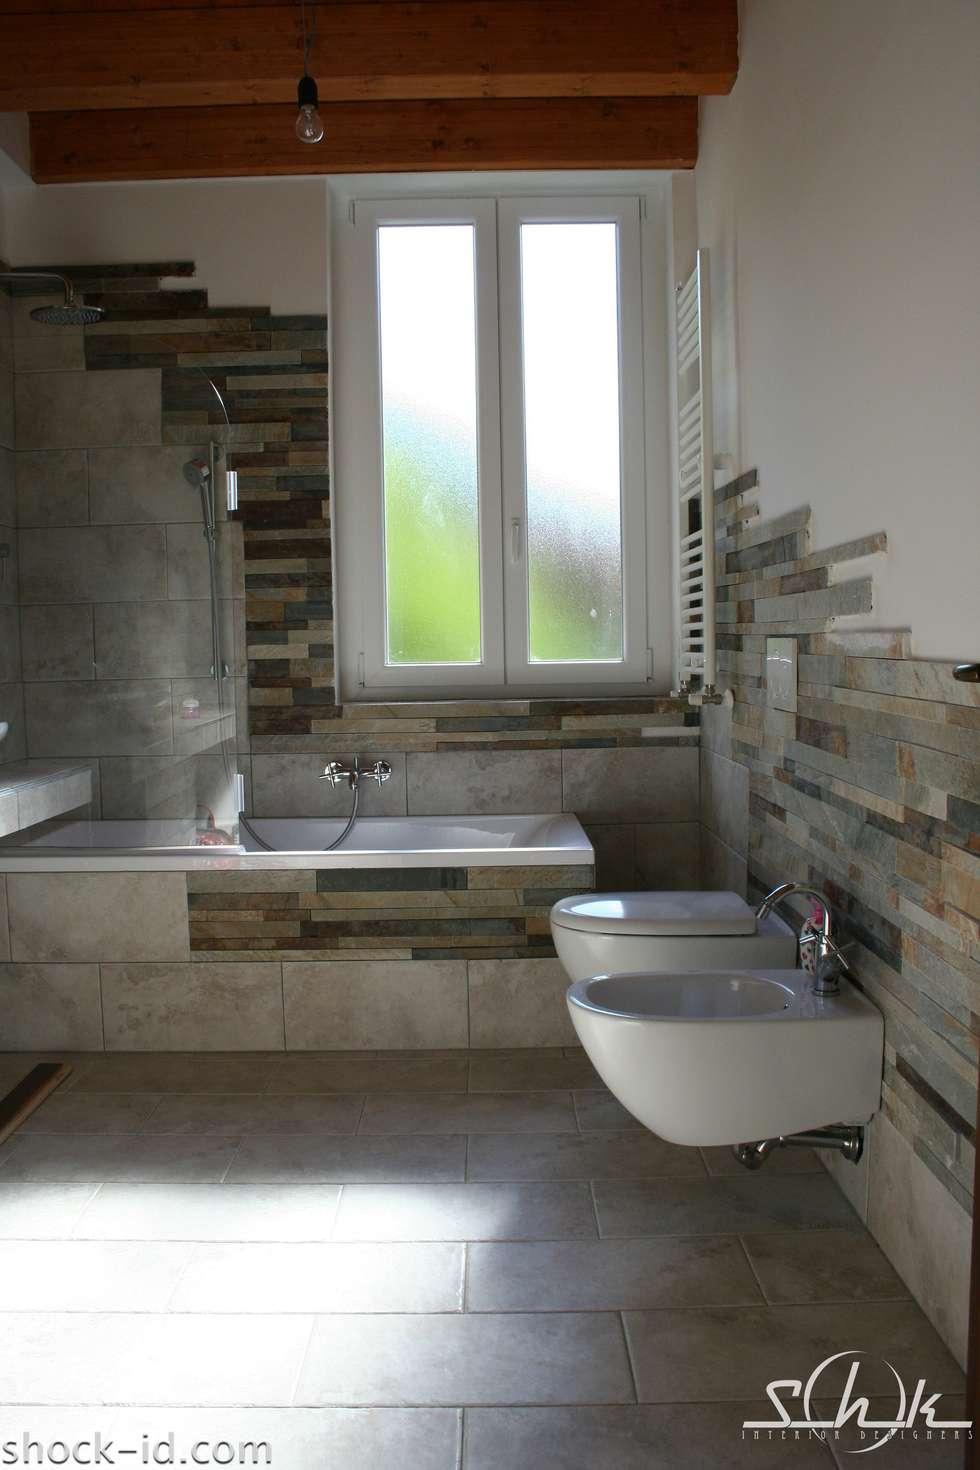 Wohnideen interior design einrichtungsideen bilder - Bagno rustico foto ...